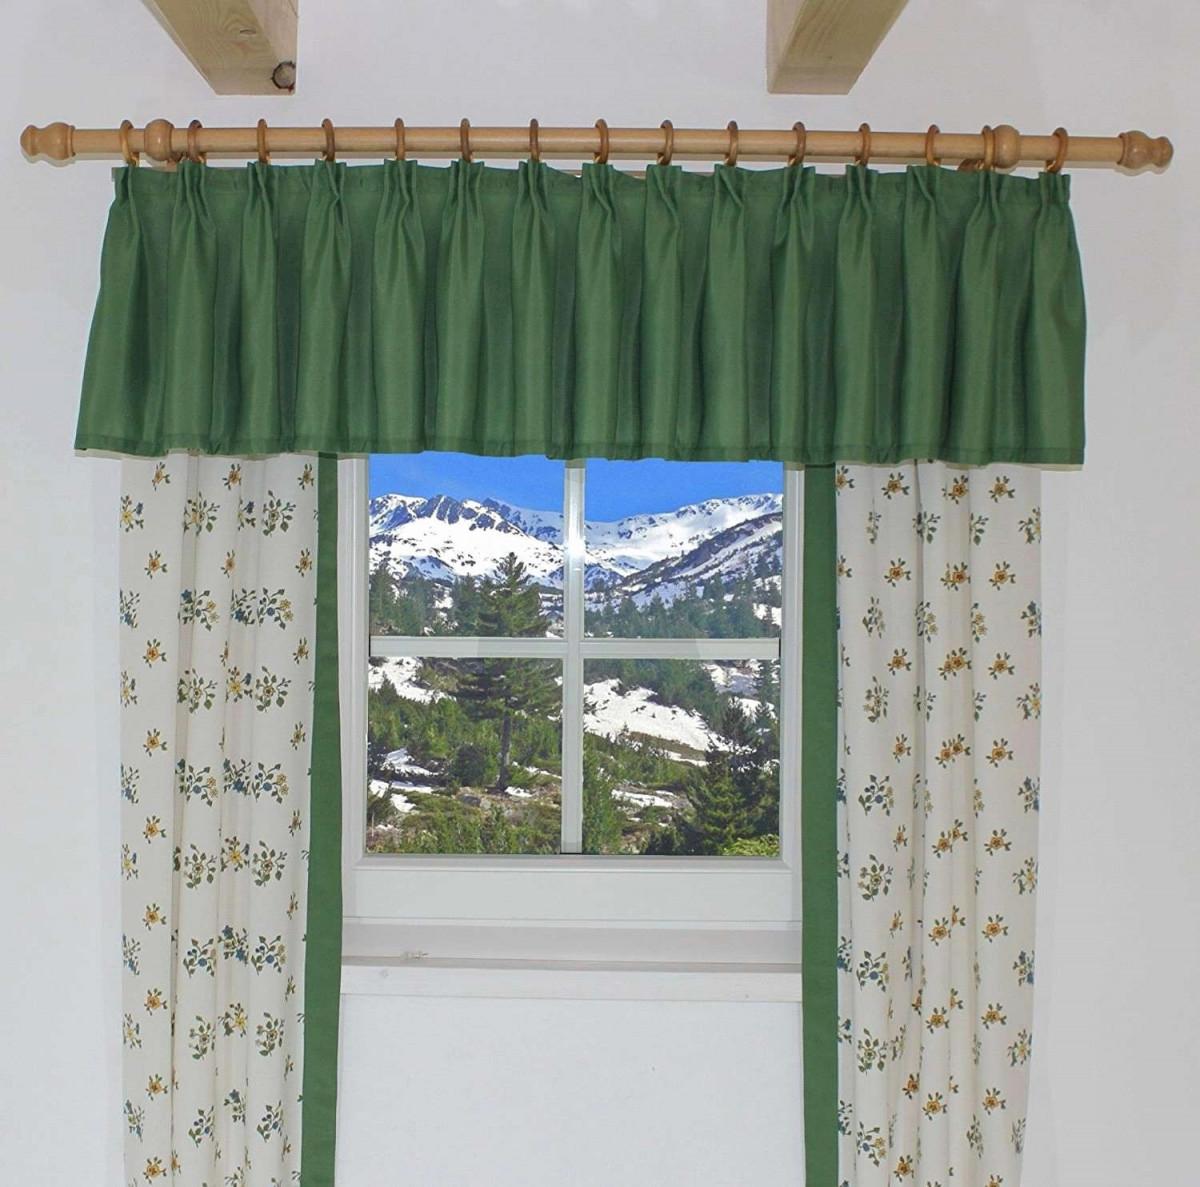 13 Inspirierend Bild Von Landhaus Gardinen Wohnzimmer von Gardinen Ideen Wohnzimmer Landhaus Bild